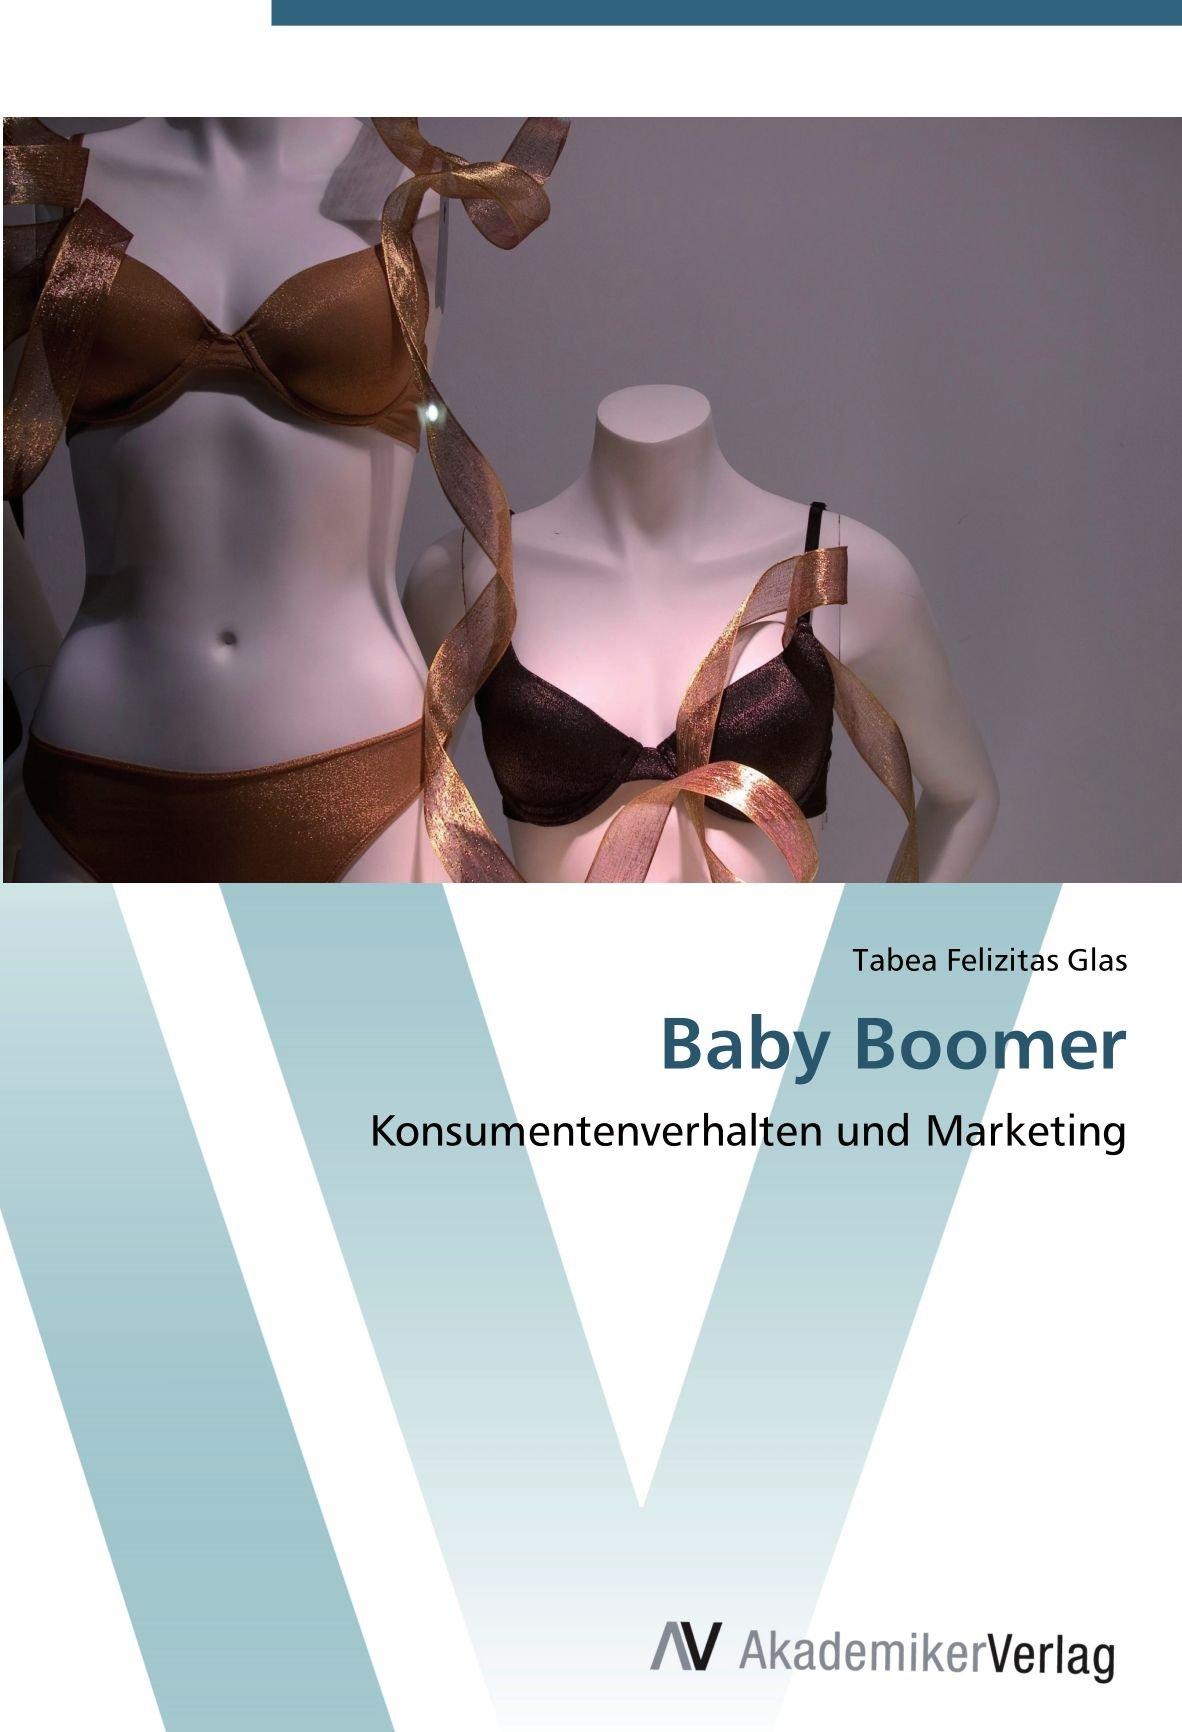 Baby Boomer: Konsumentenverhalten und Marketing (German Edition) ebook